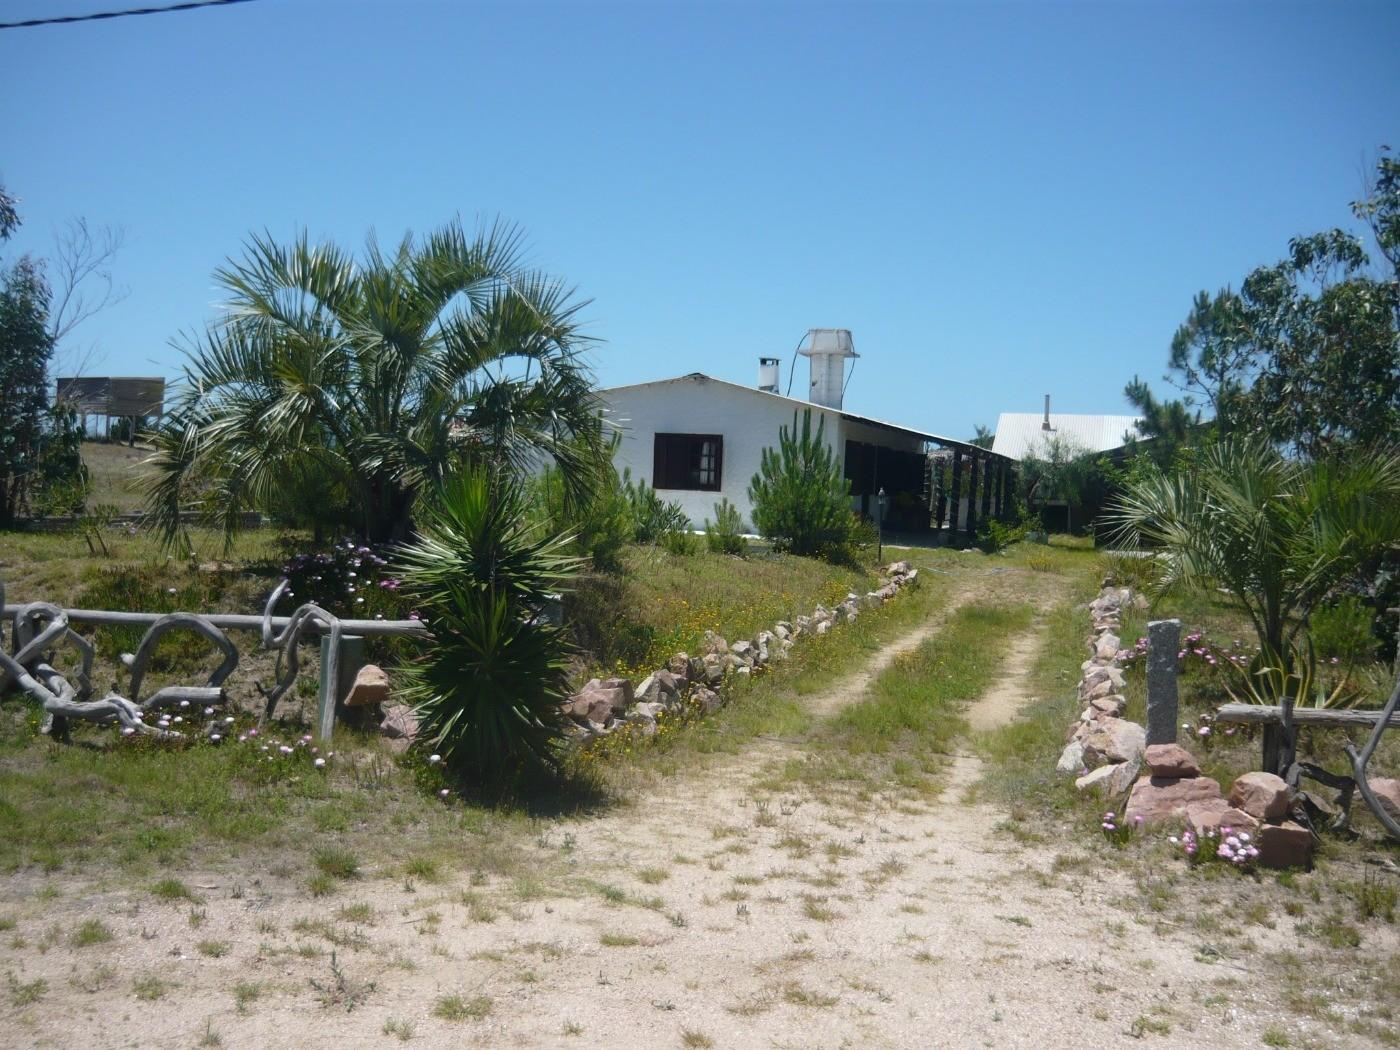 Mindmyhouse hermosa casa con jardin en la costa uruguaya for Casa con jardin